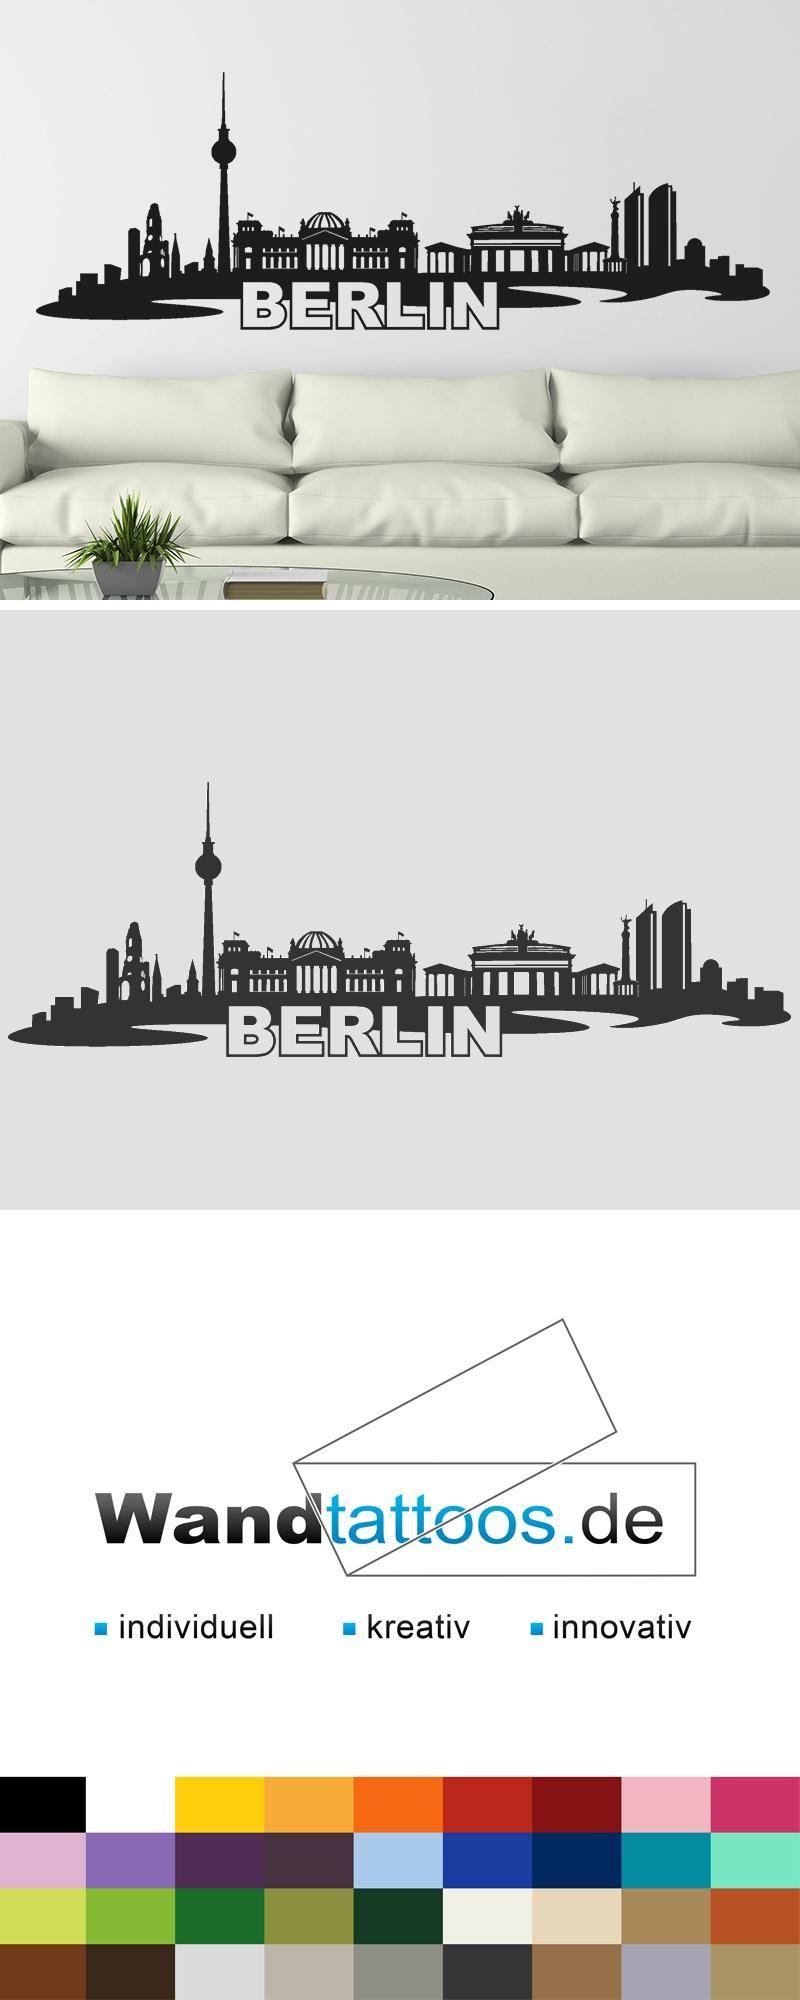 Großartig Wandtattoo Berlin Galerie Von Skyline Als Idee Zur Individuellen Wandgestaltung. Einfach